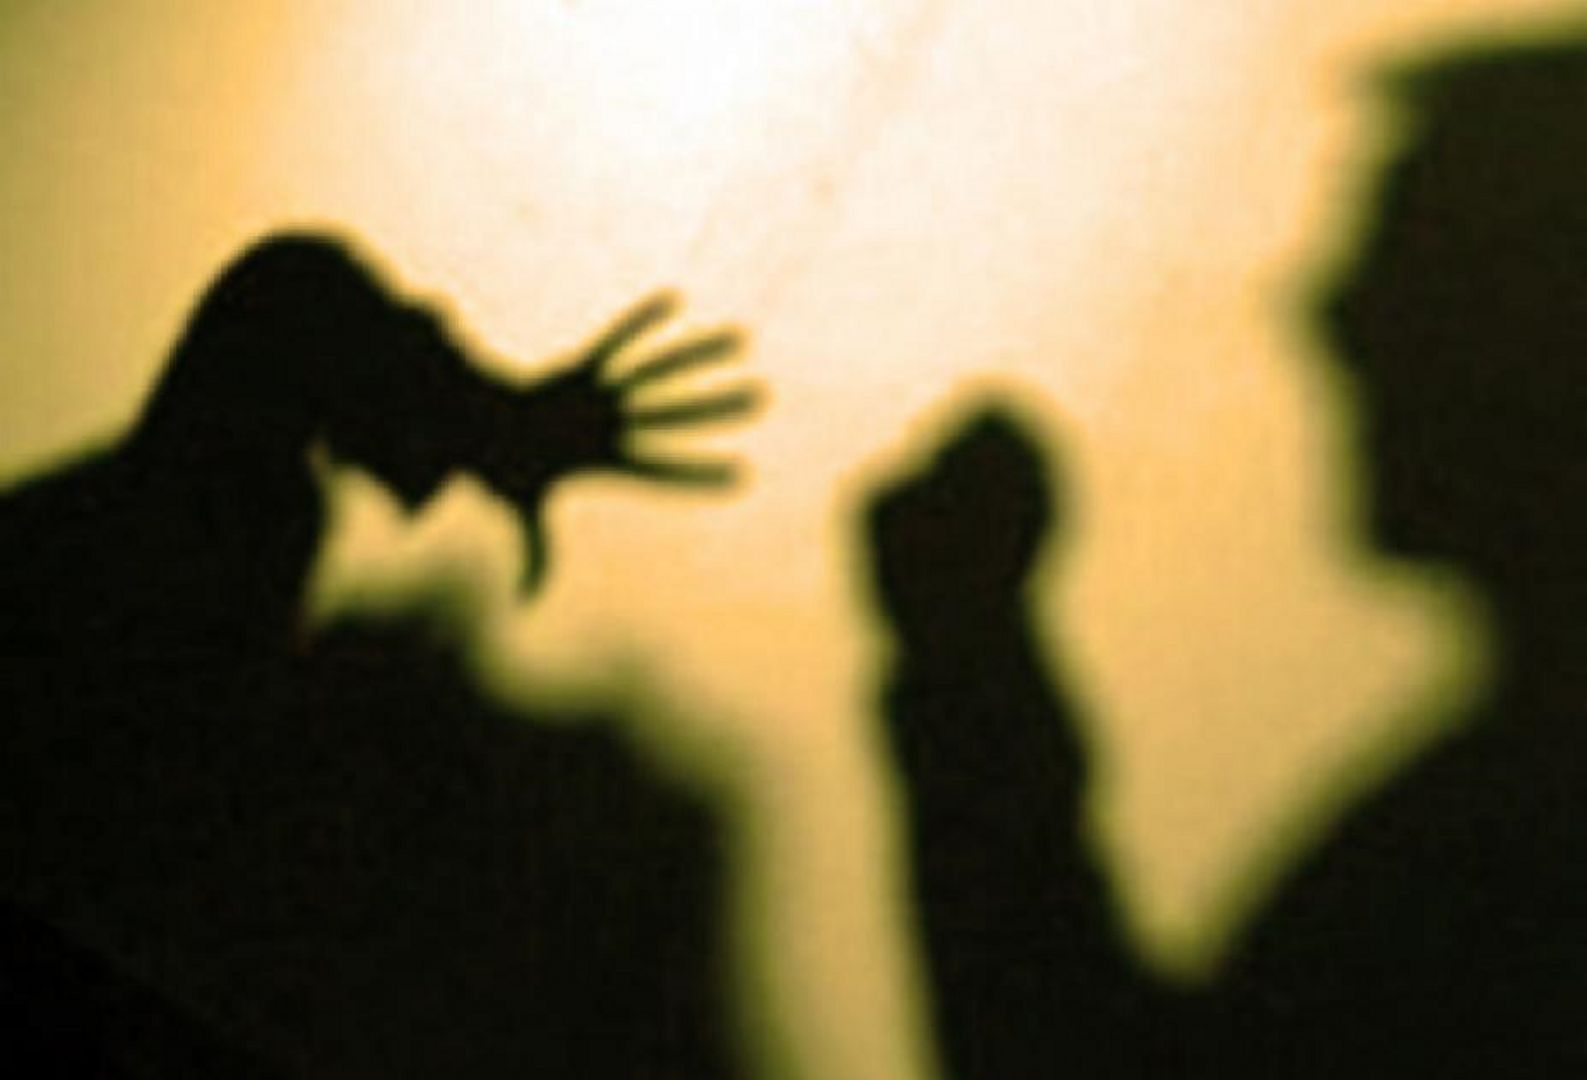 Житель Ставрополья задушил 20-летнего соседа, который плохо относился к своей матери